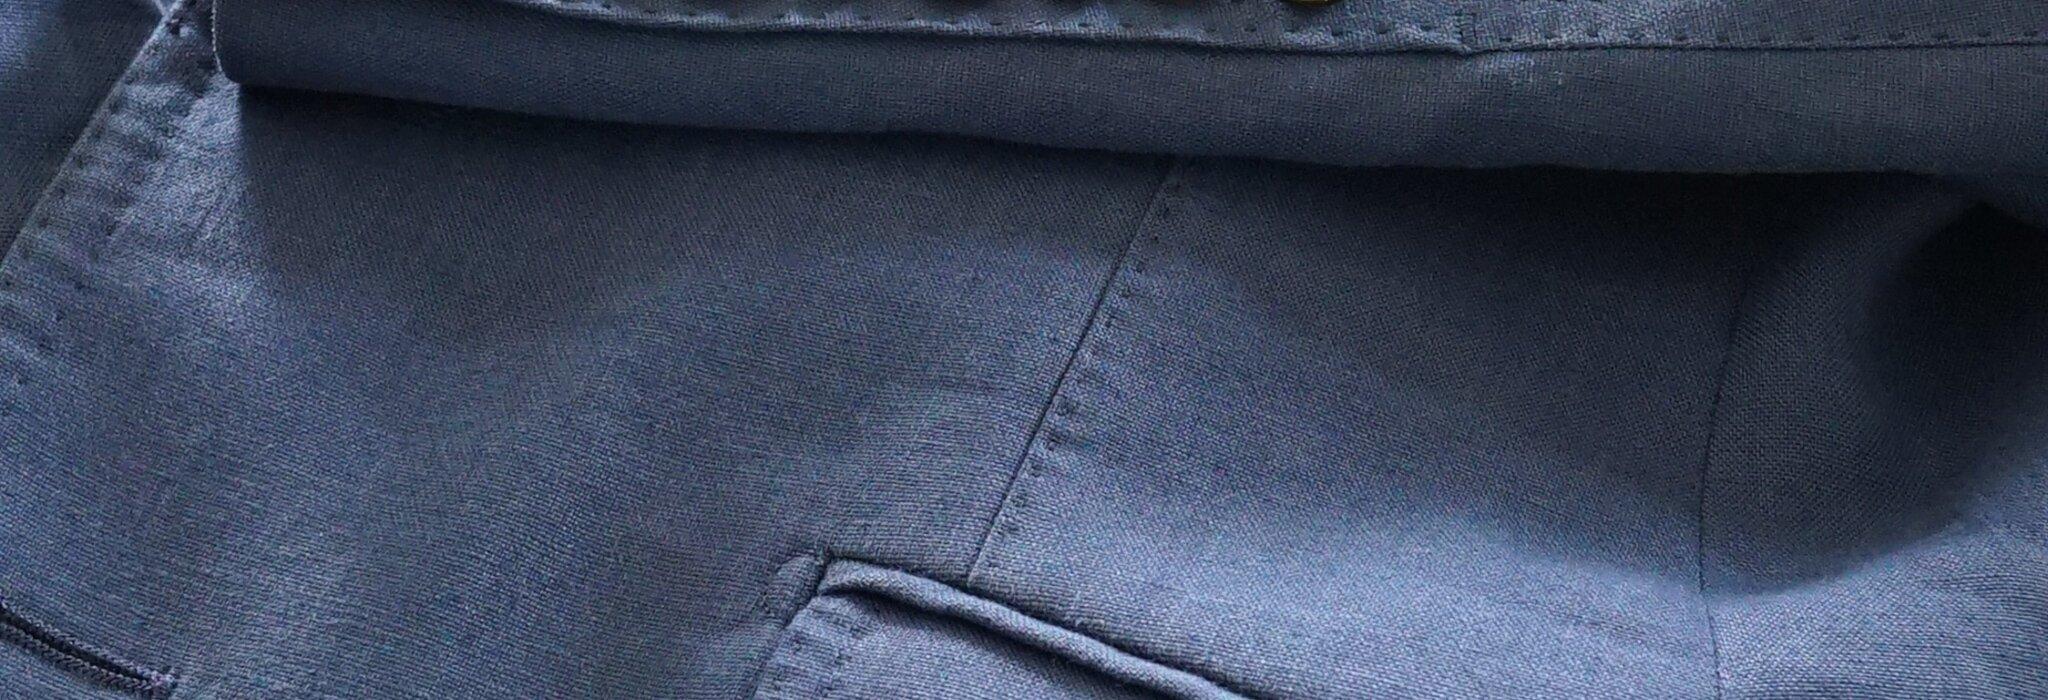 サマージャケットにぴったりな生地「アイリッシュリネン」を知る_image